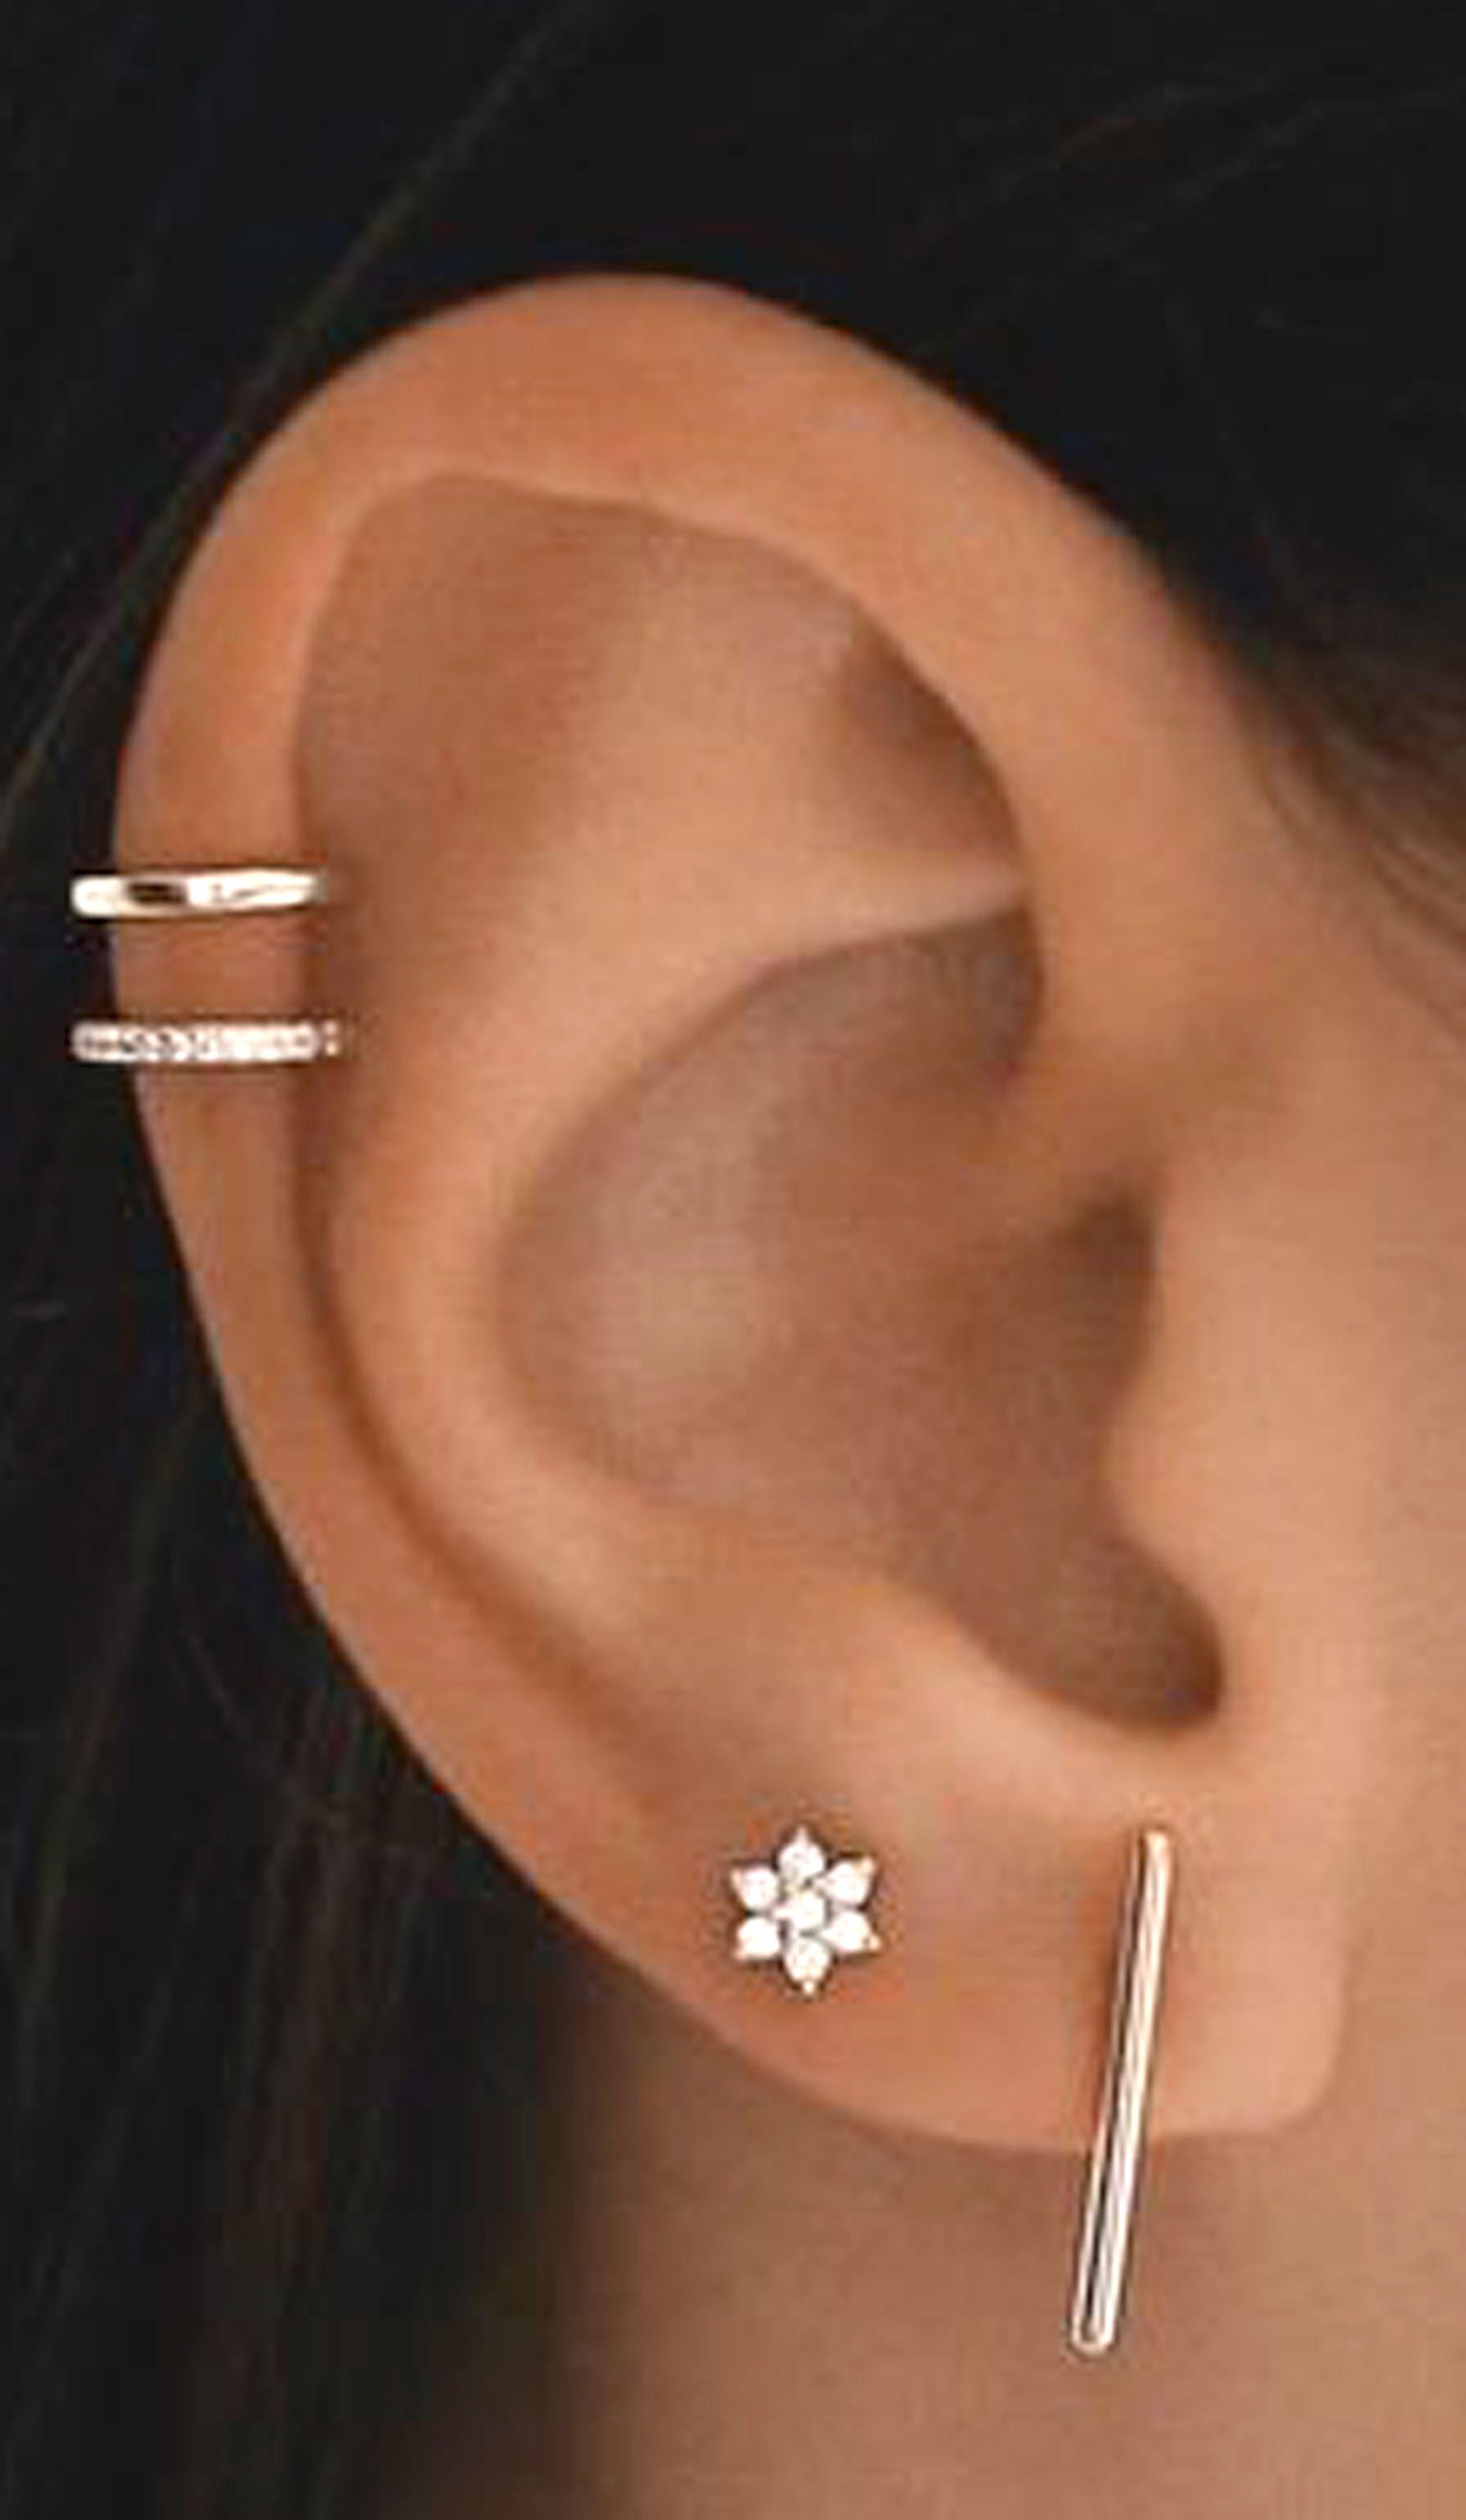 Petals Crystal Flower Ear Piercing Jewelry 16g Earring Studs In Silver Multiple Ear Piercings Ear Piercing For Women Ear Piercings